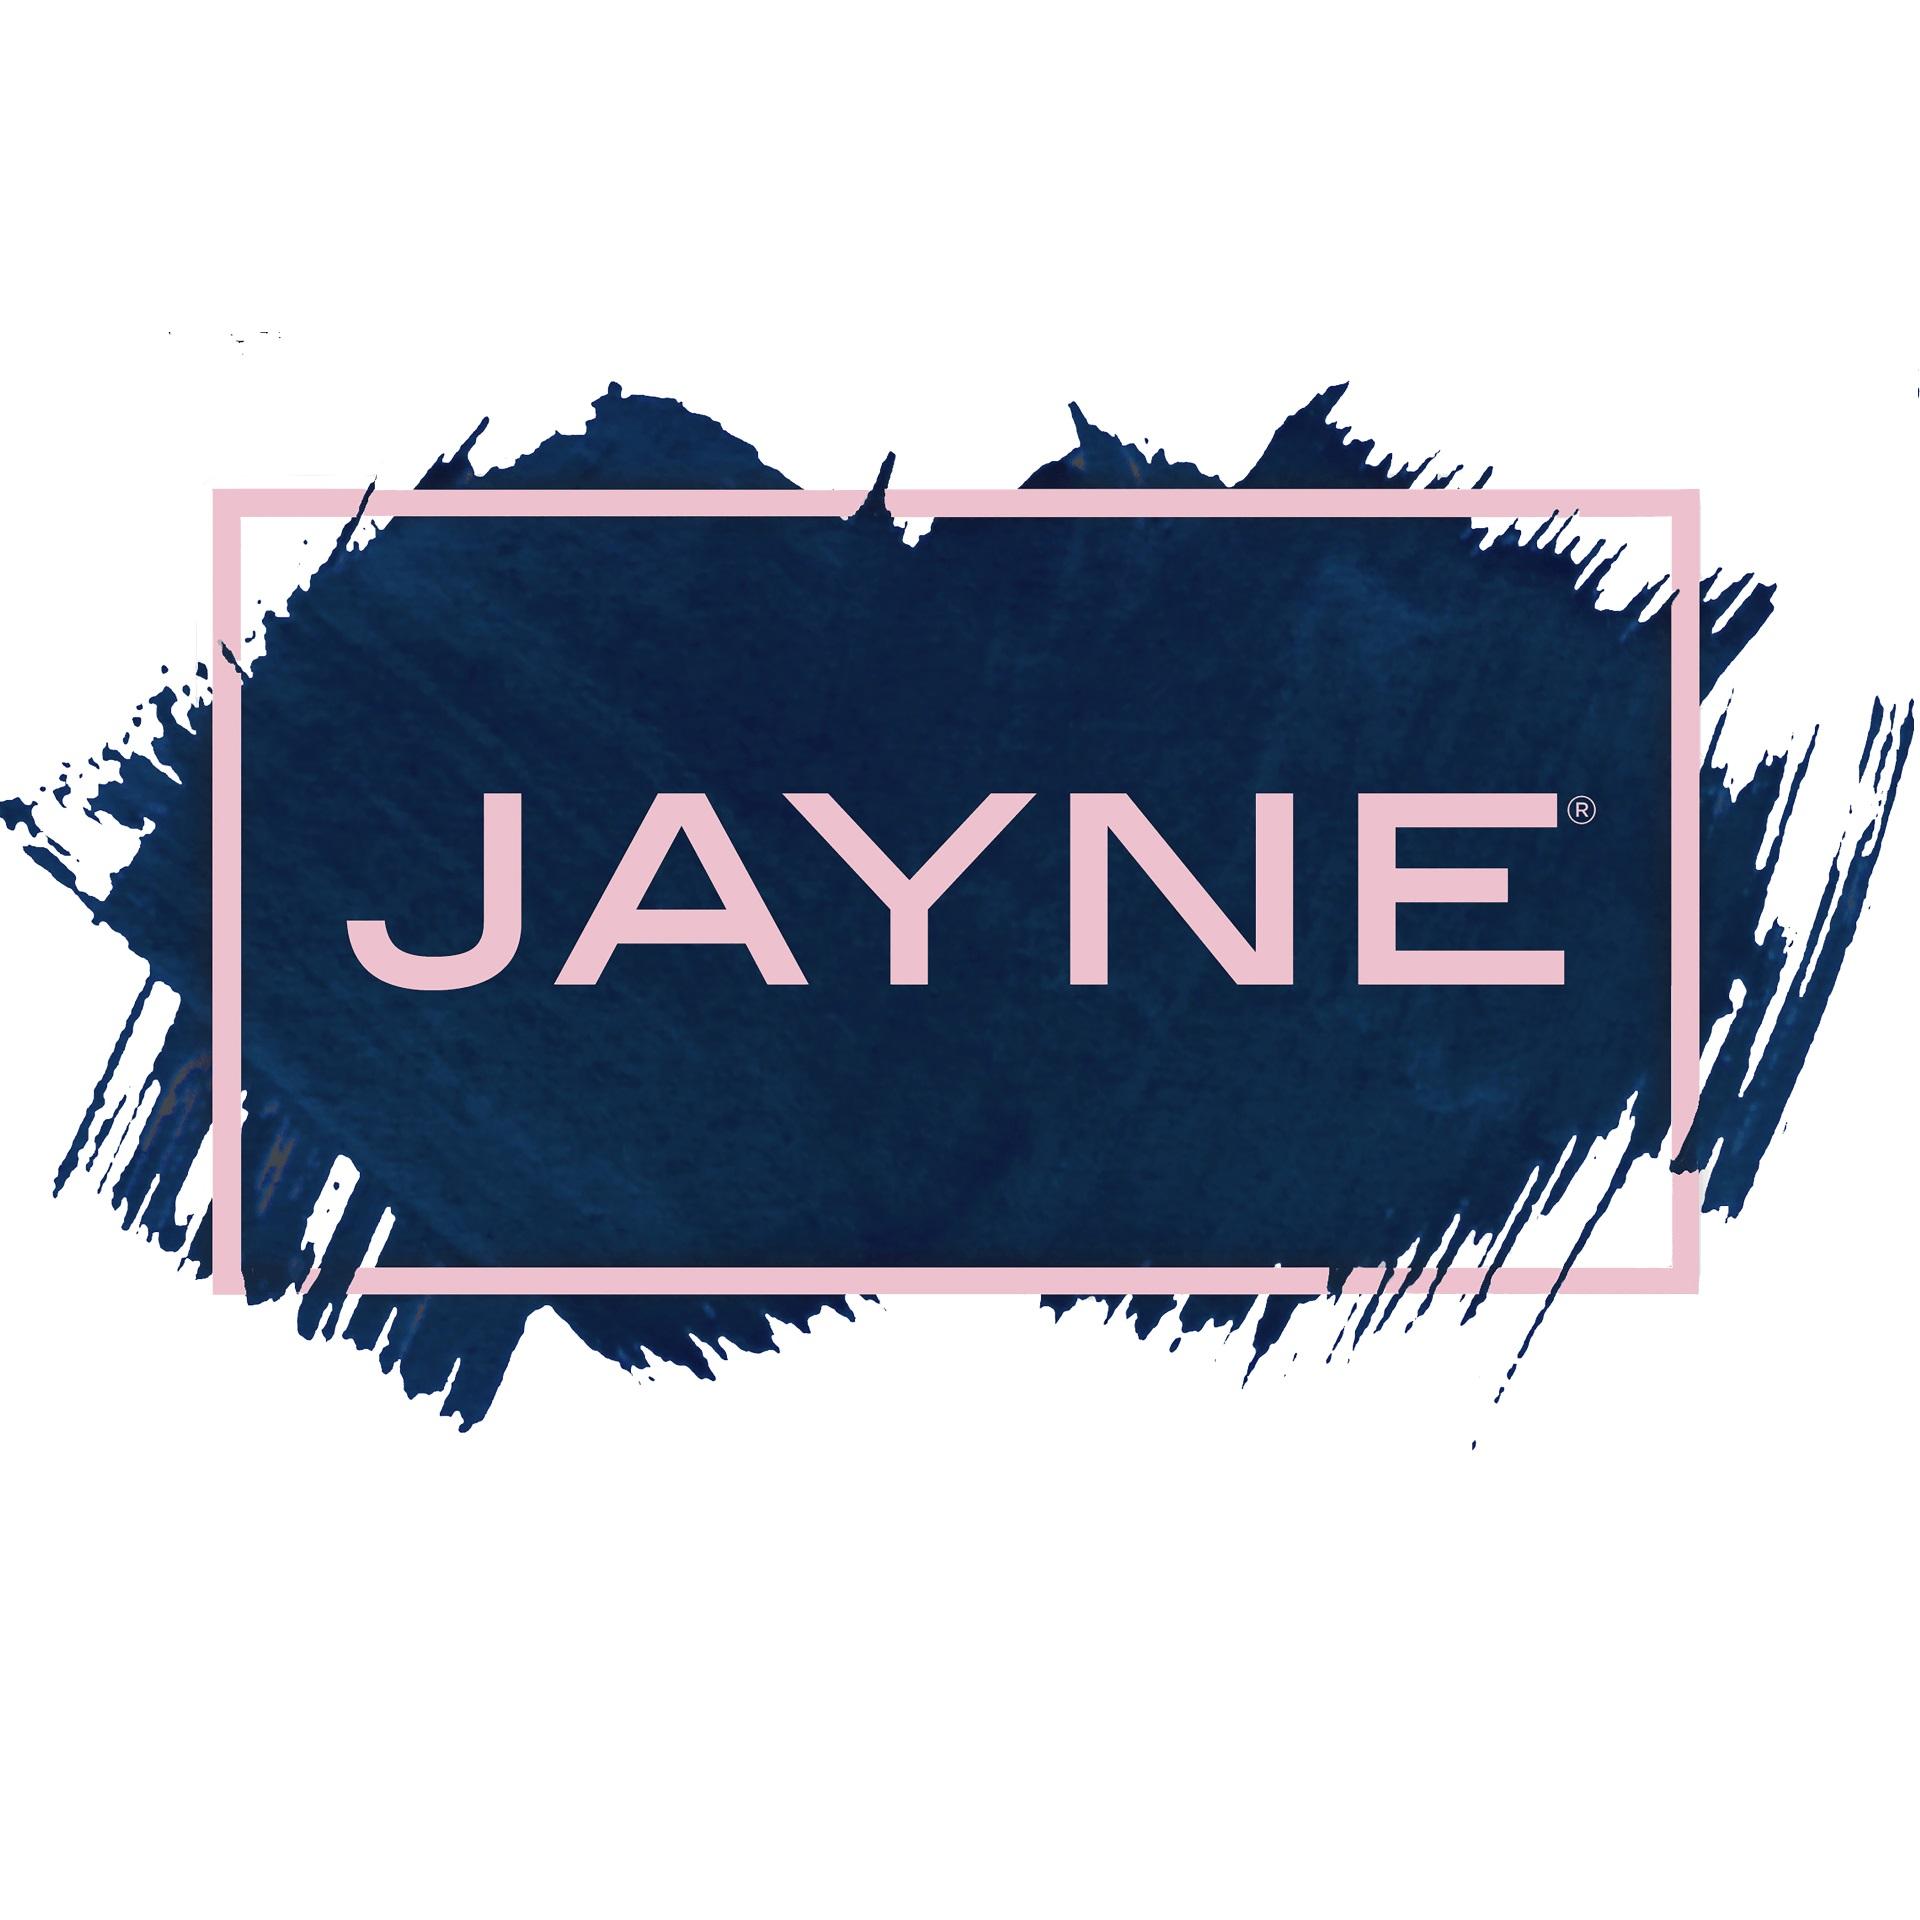 jayne logo.jpg